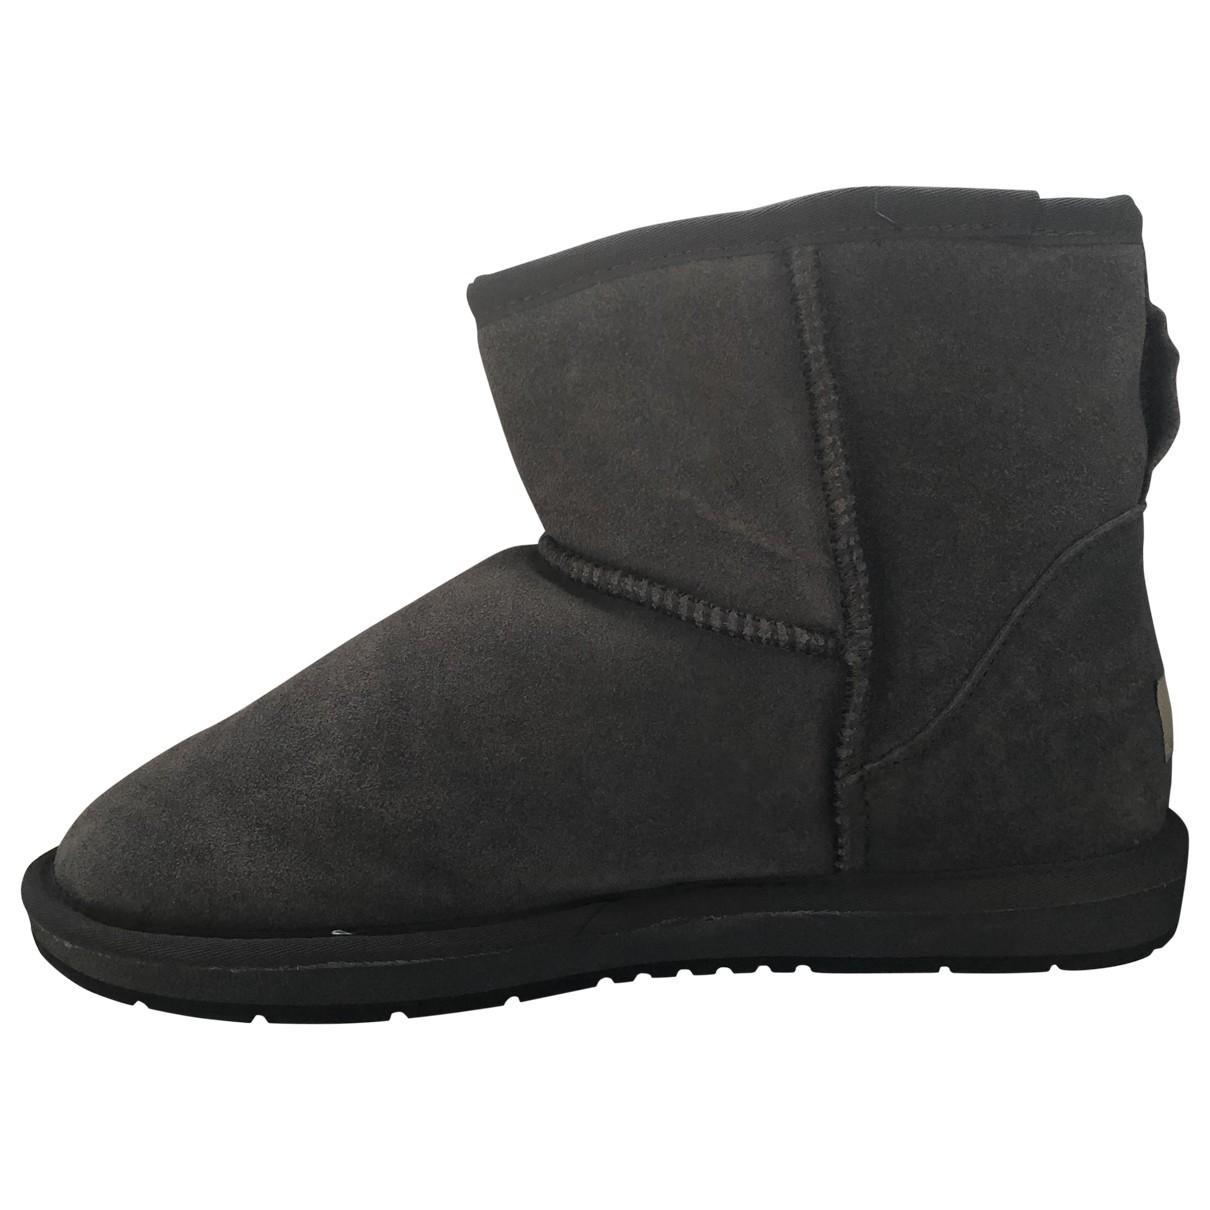 Ugg - Boots   pour femme en suede - gris